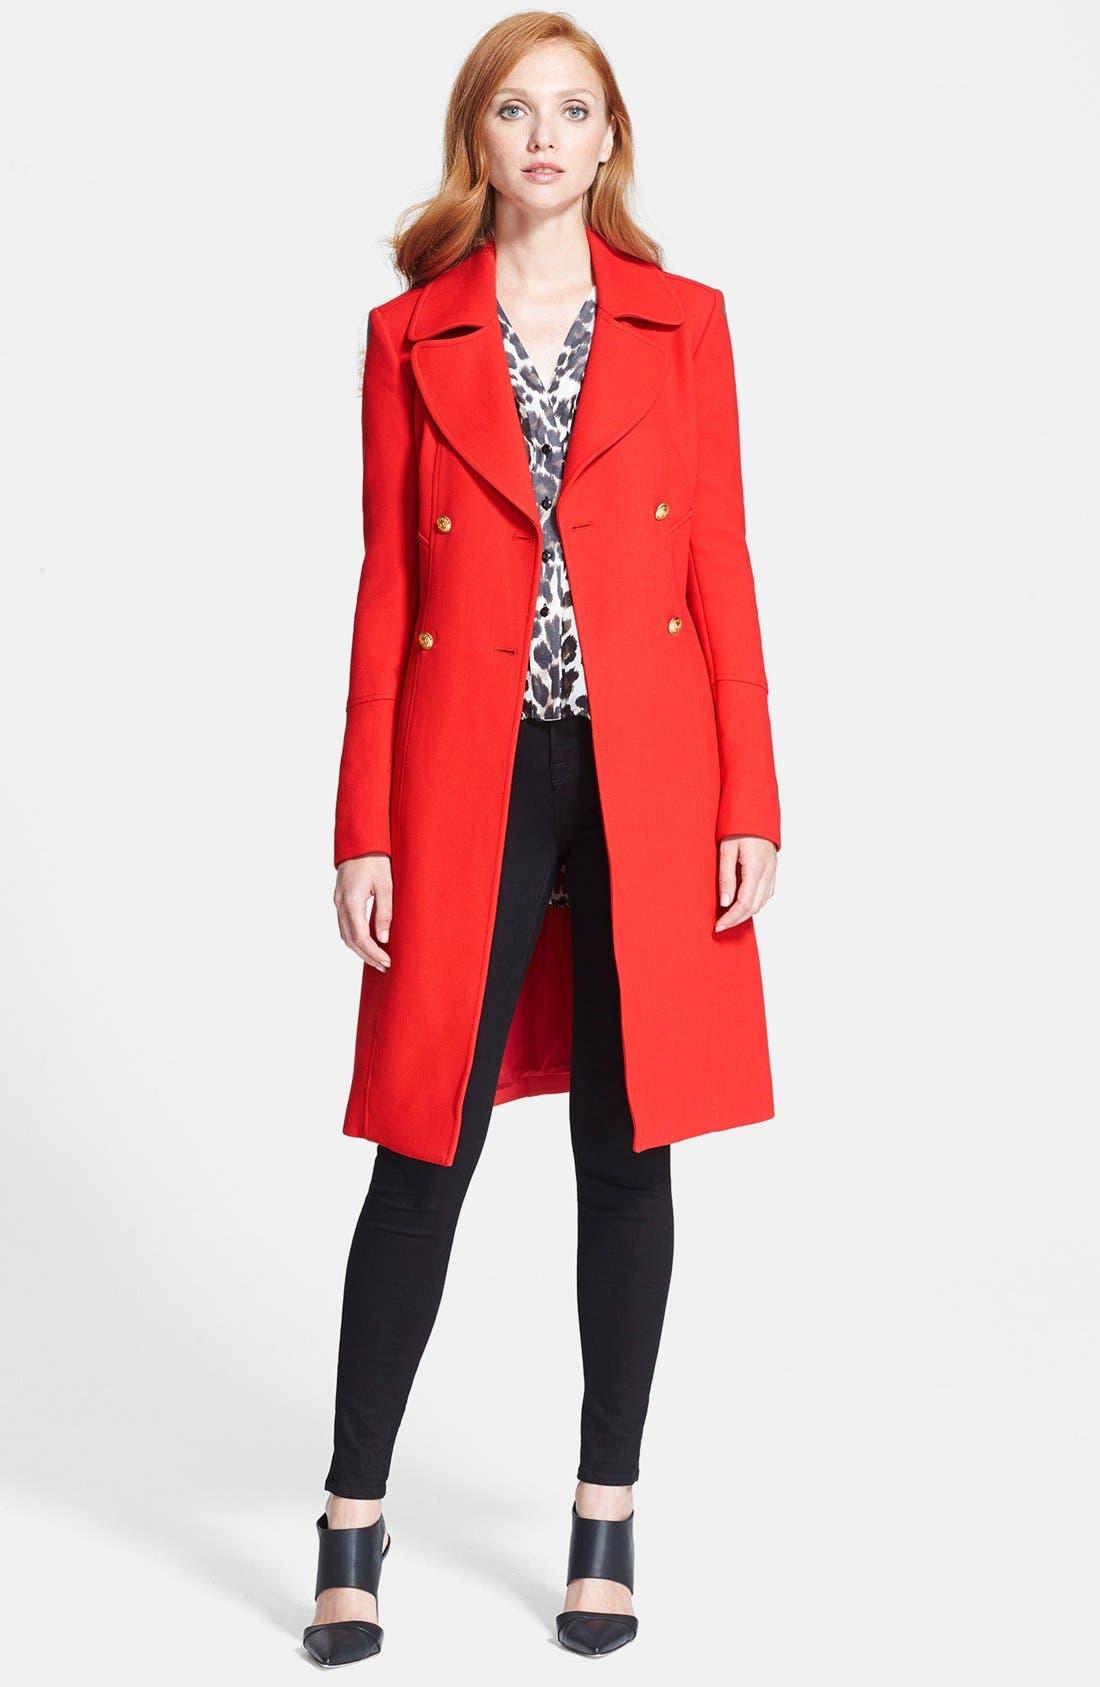 Main Image - Diane von Furstenberg 'Mirabella' Wool Blend Coat